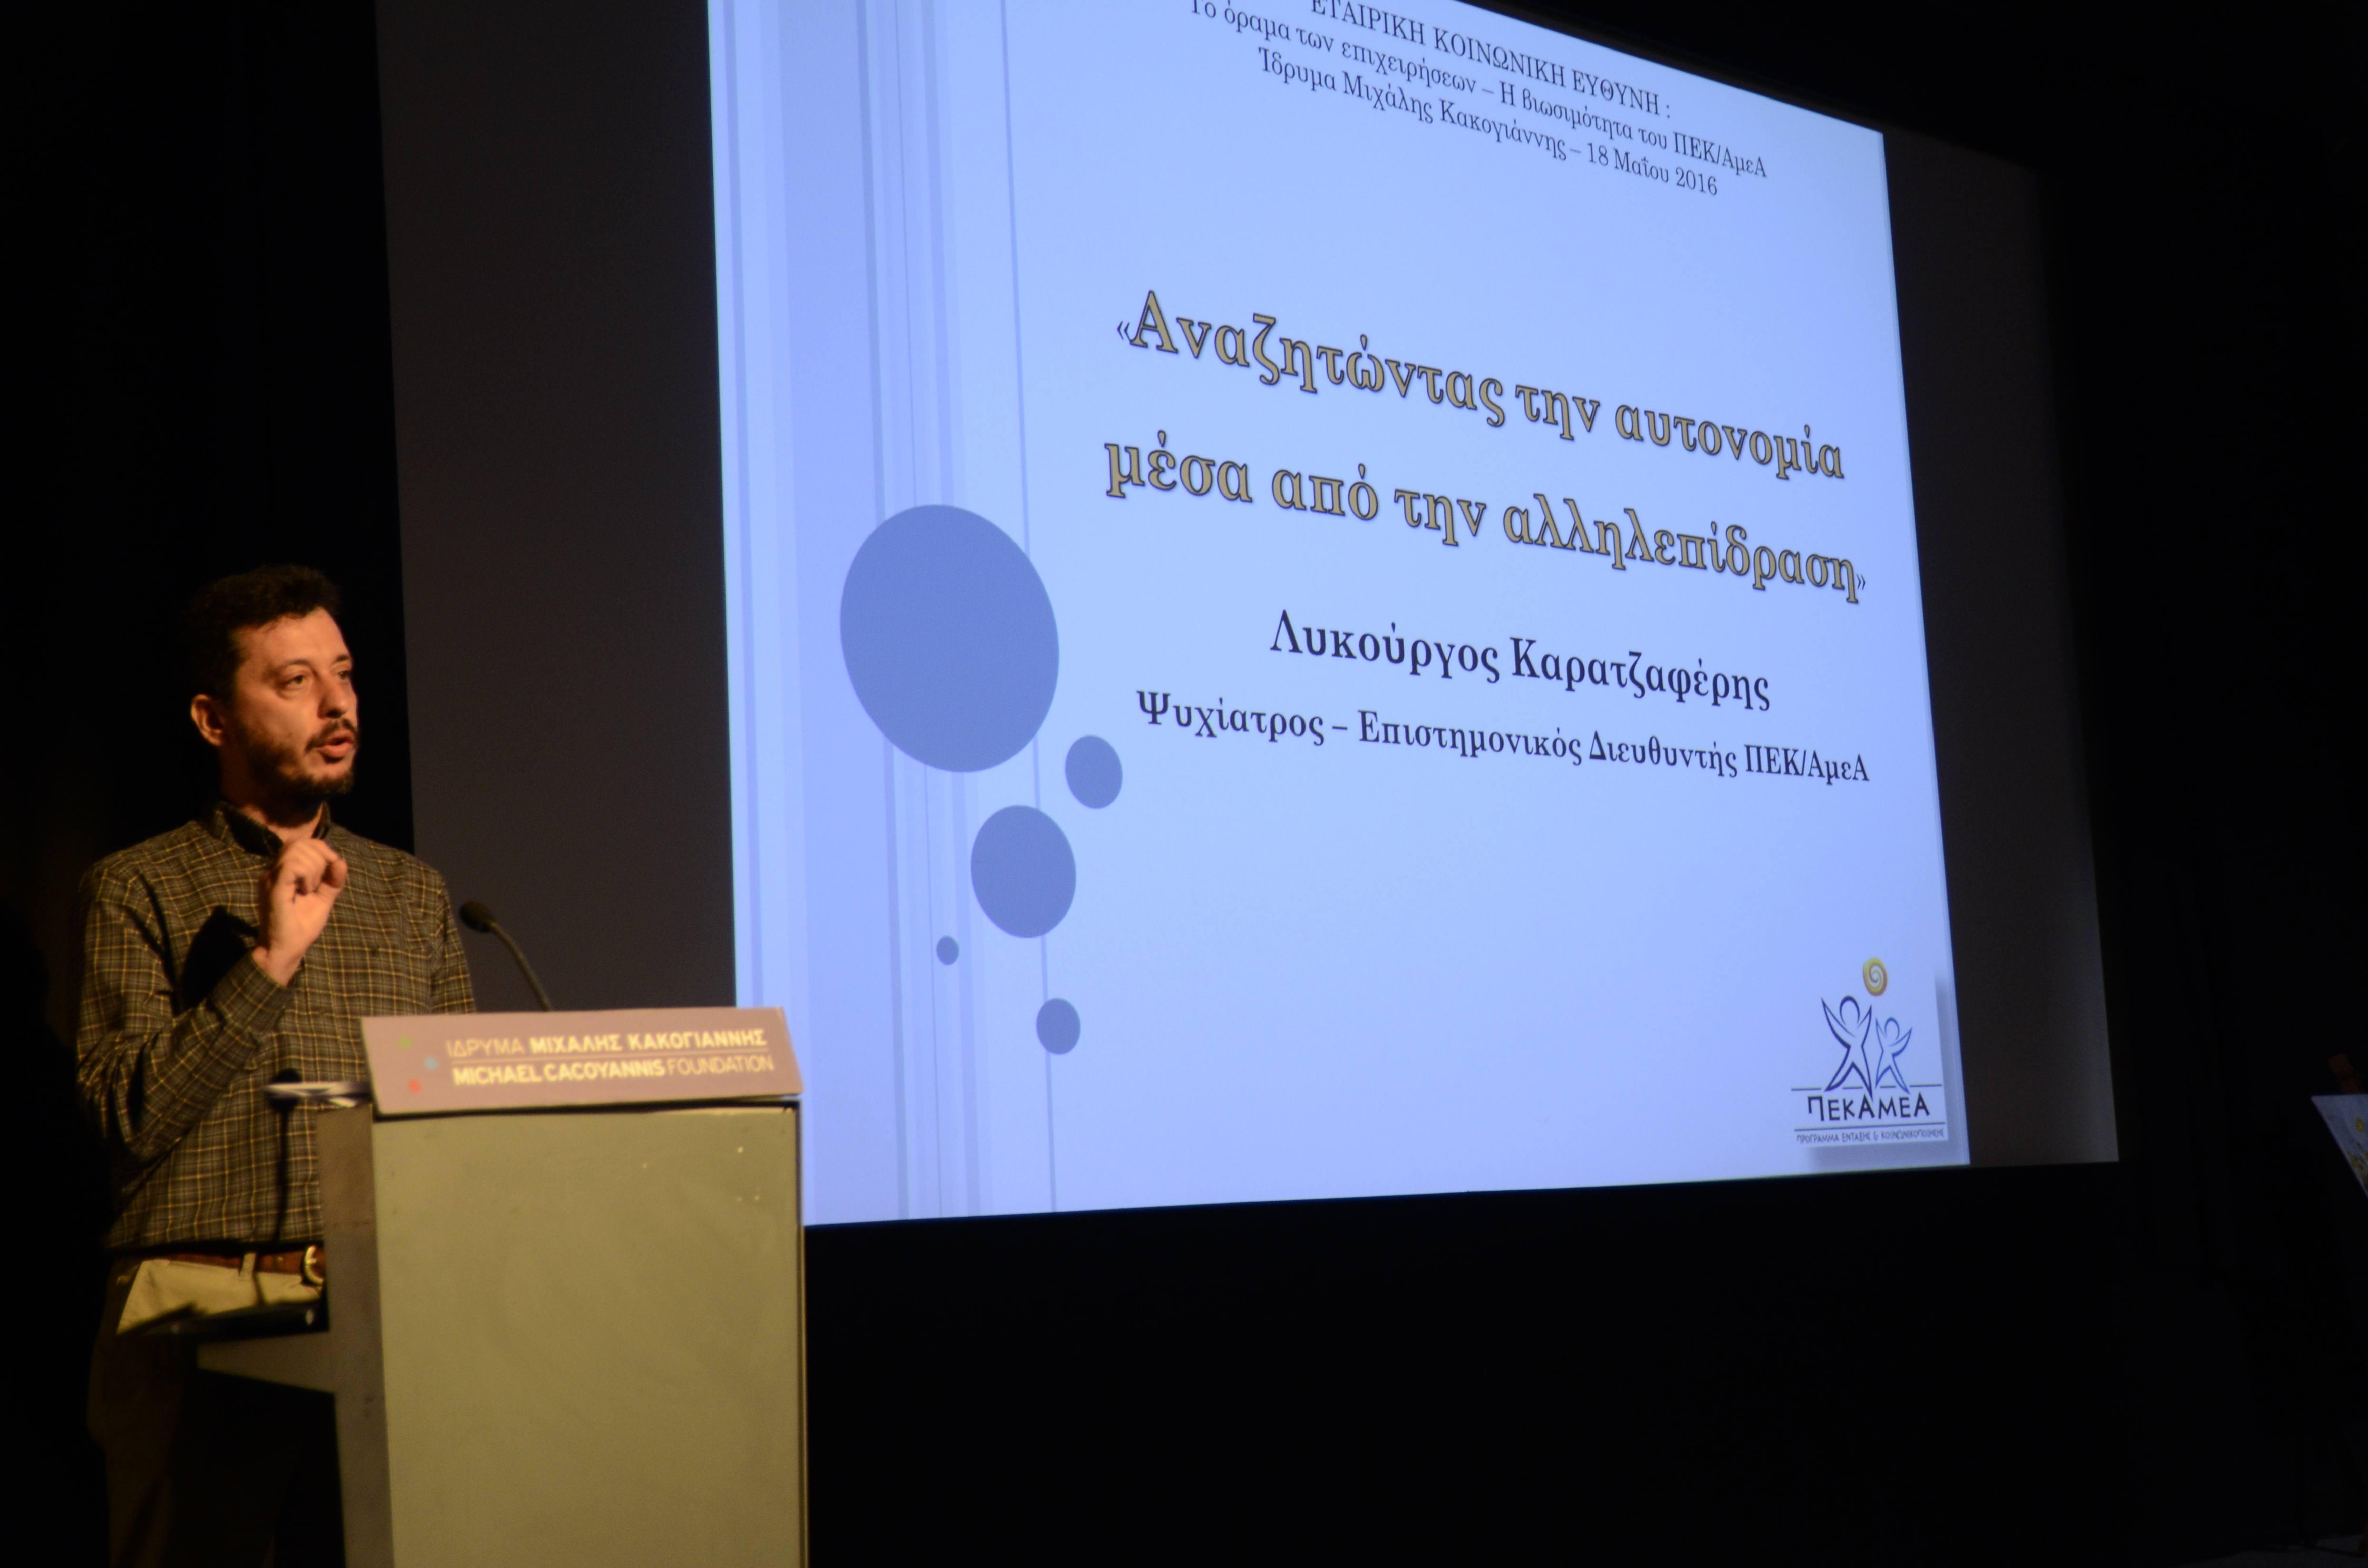 """Ο κος Λυκούργος Καρατζαφέρης, Ψυχίατρος - Επιστημονικός Διευθυντής ΠΕΚ/ΑμεΑ, """"Αναζητώντας την αυτονομία μέσα από την αλληλεπίδραση"""""""